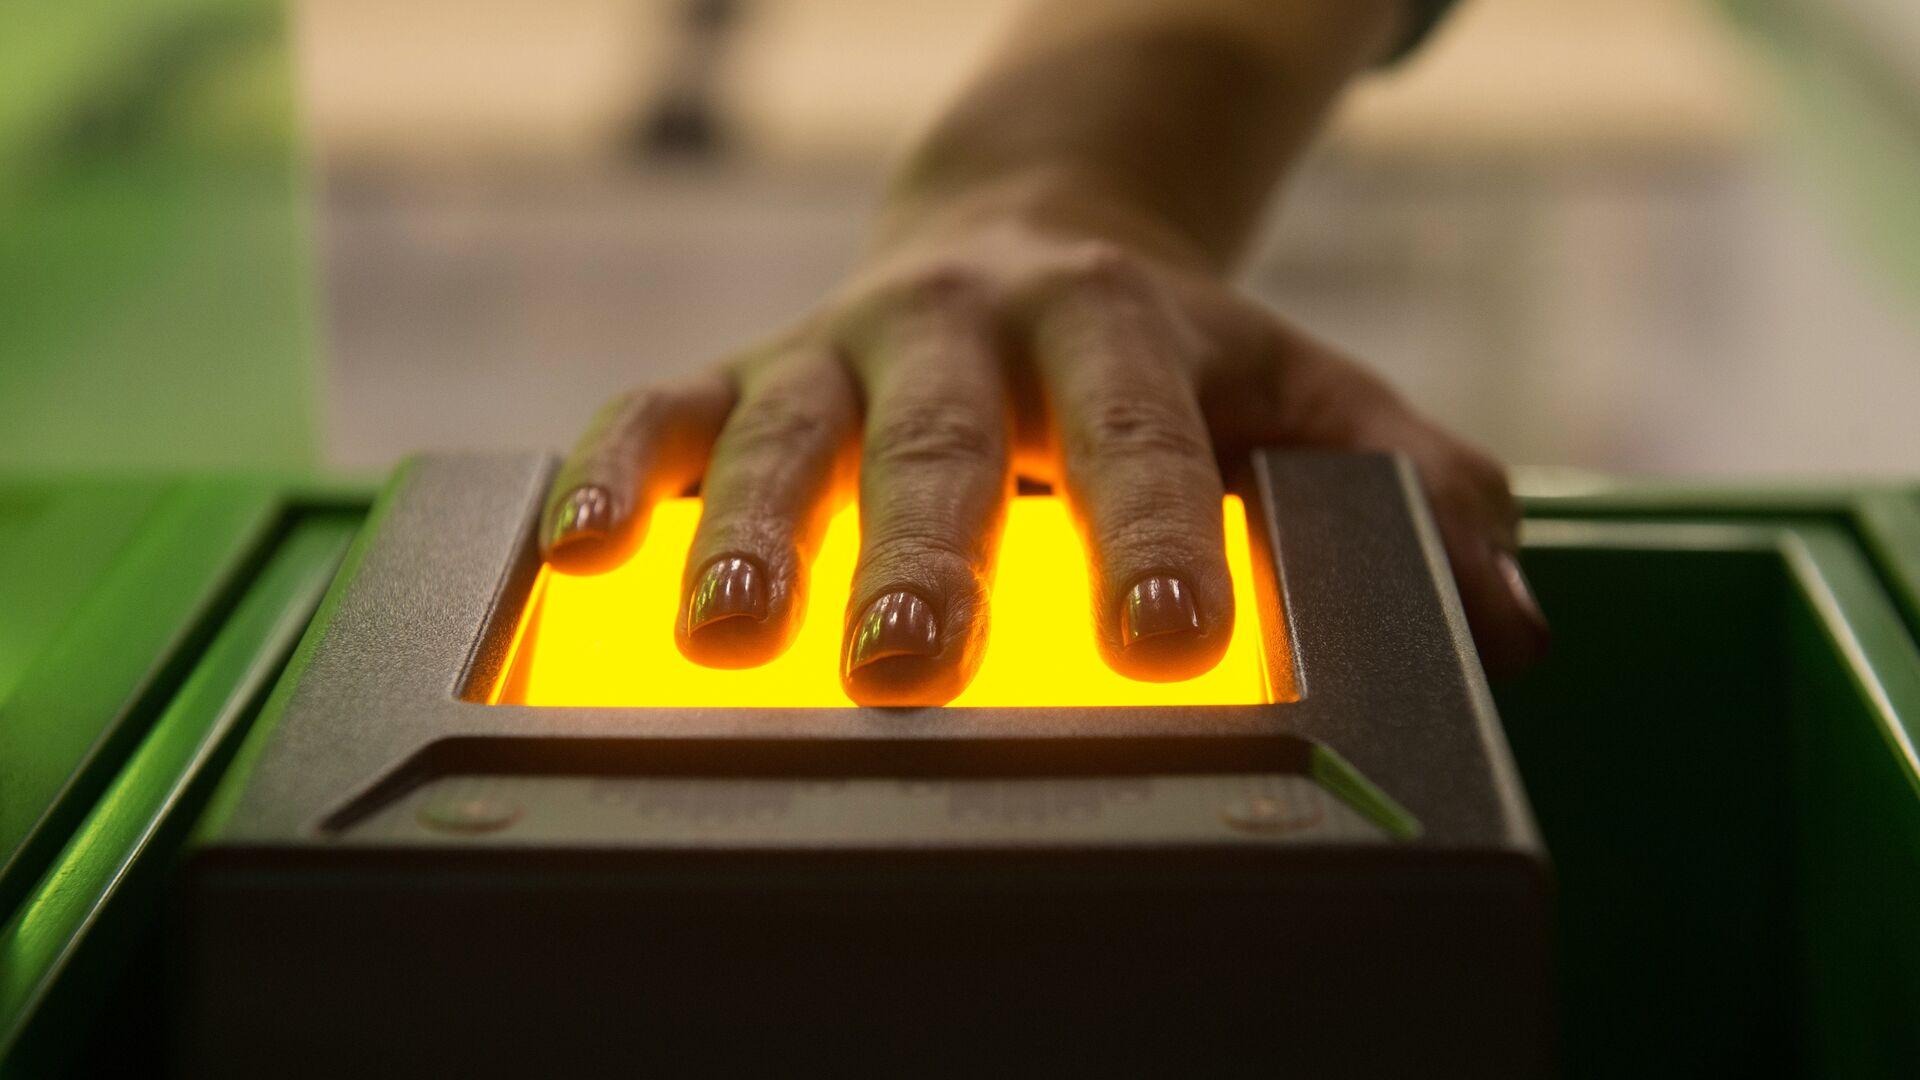 Сканирующее отпечатки пальцев устройство, архивное фото - Sputnik Таджикистан, 1920, 05.08.2021